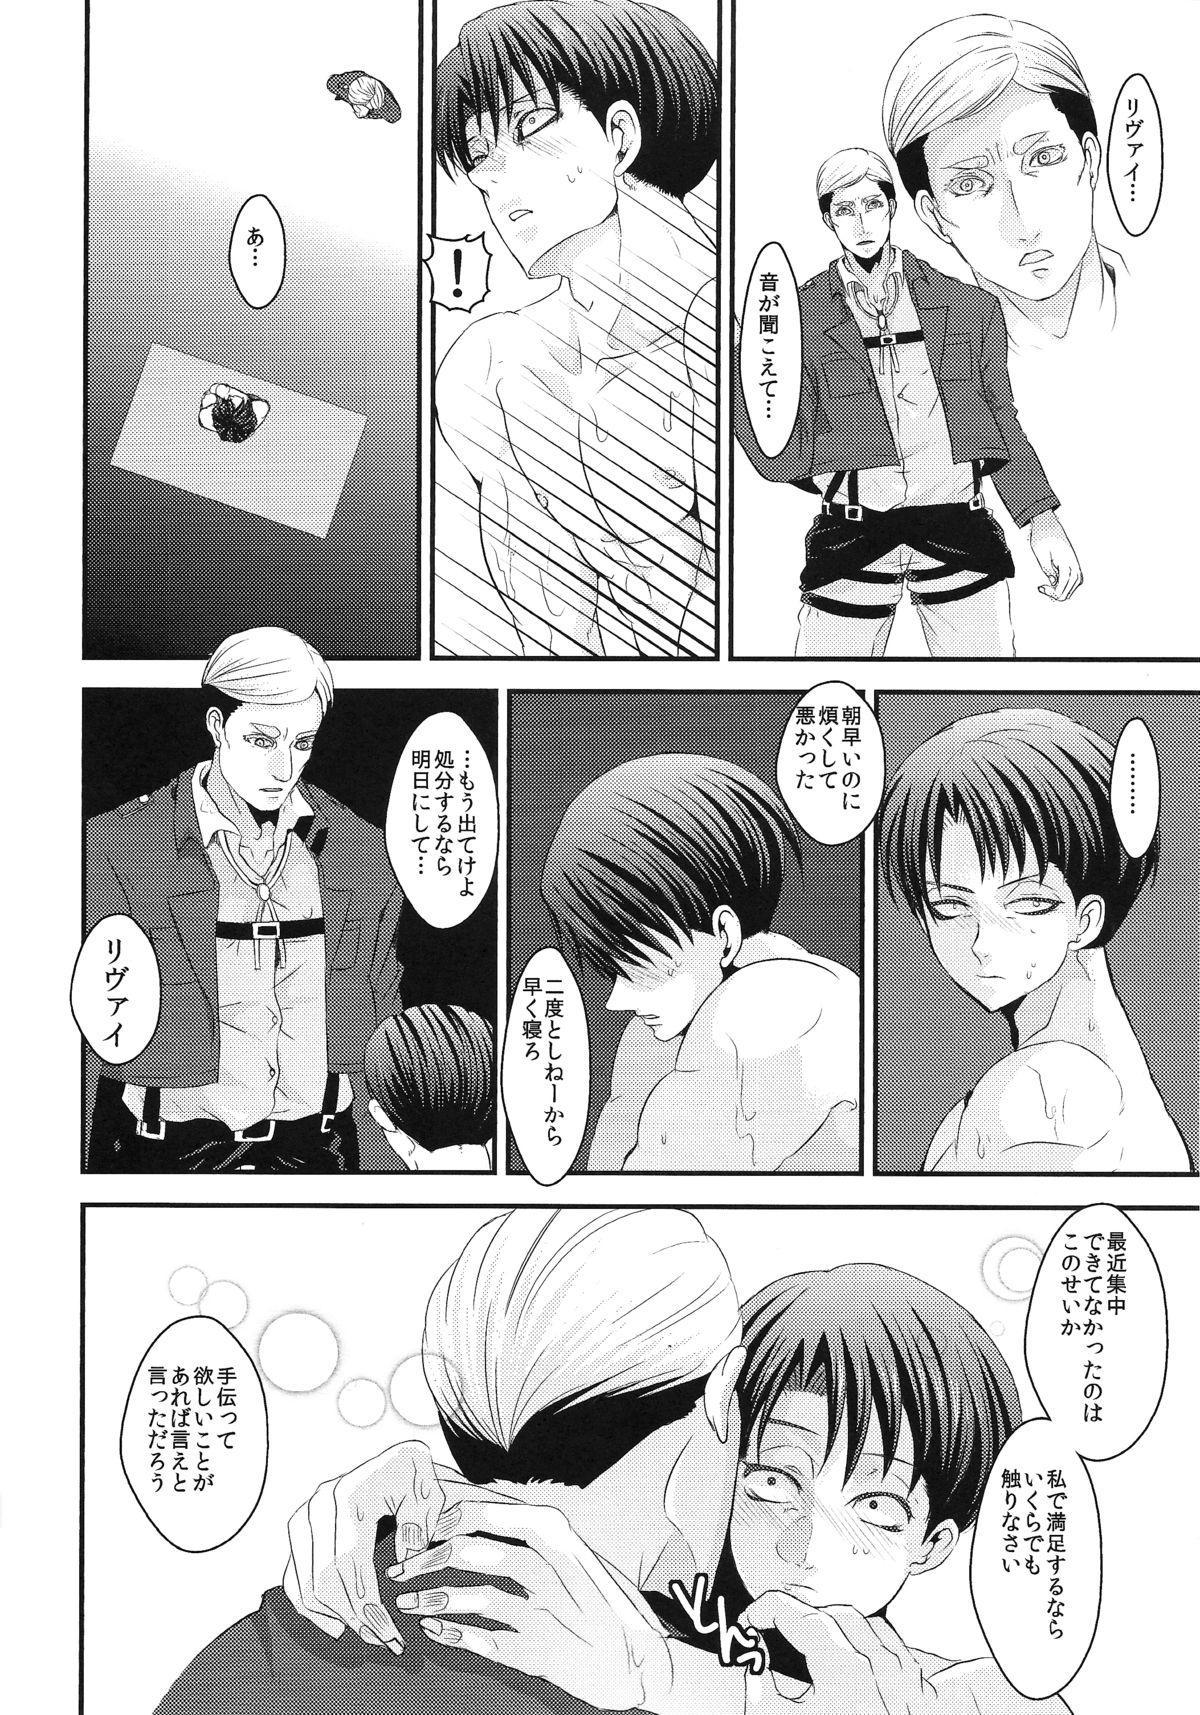 Ore no Kangaeta Ichiban Kantan na Kaiketsu Houhou o Warau Yatsu Korosu 17